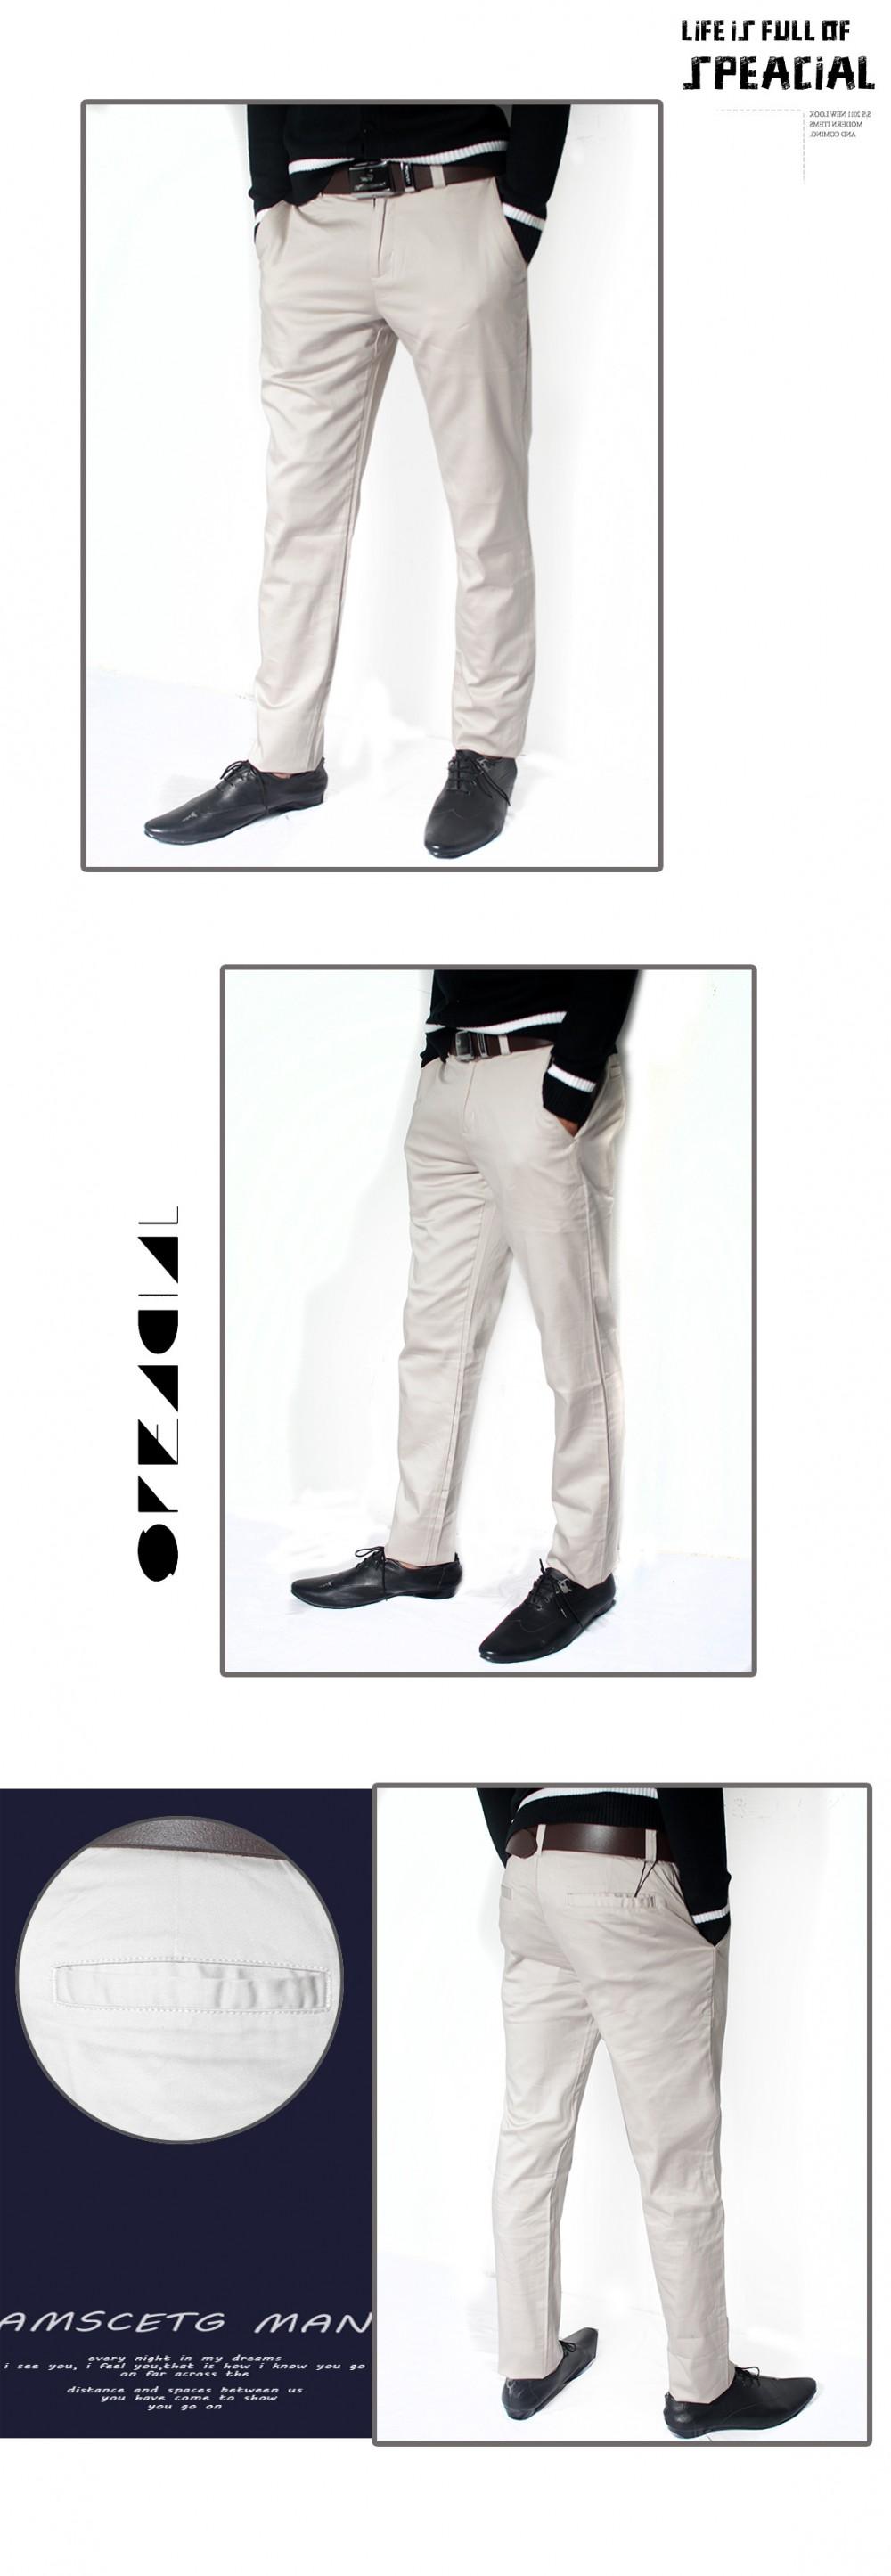 Quần kaki hàn quốc kem trắng qk110 - 1